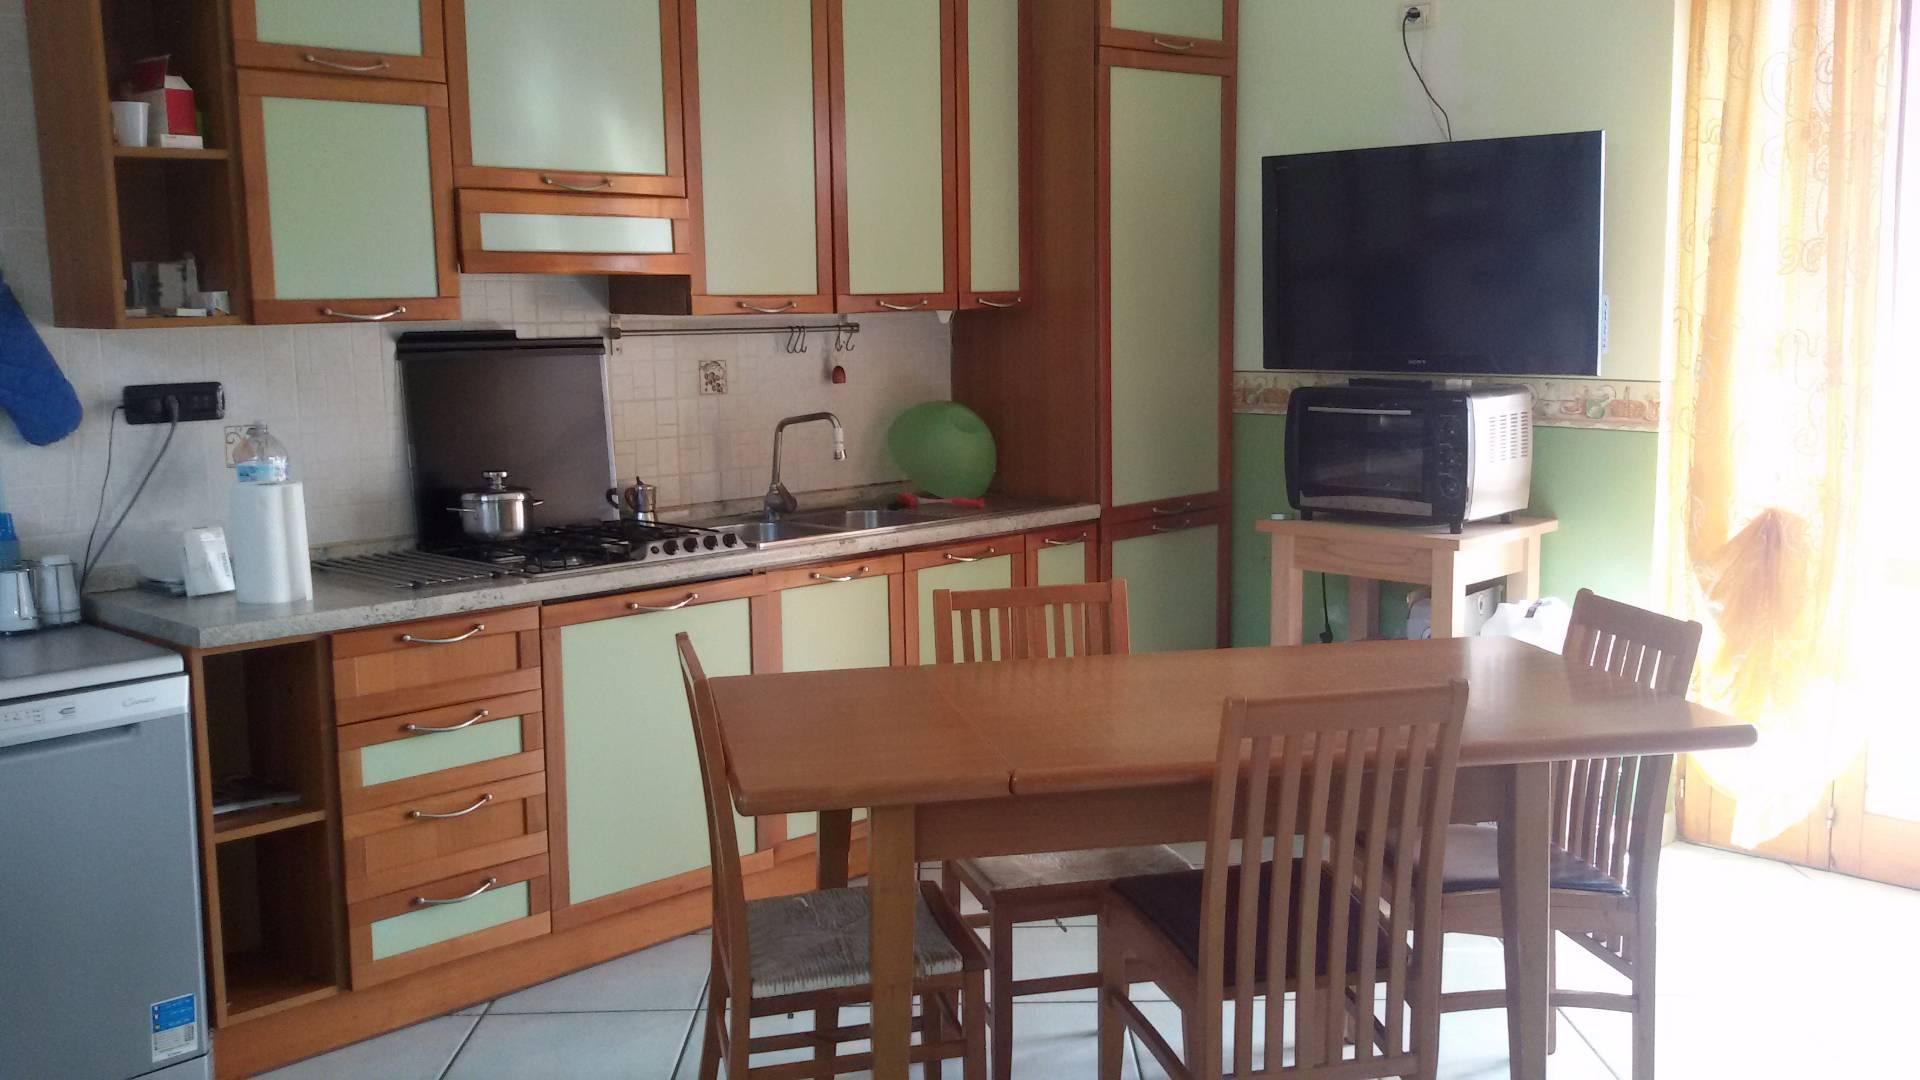 Appartamento in vendita a Baronissi, 4 locali, zona Zona: Saragnano, prezzo € 150.000 | CambioCasa.it